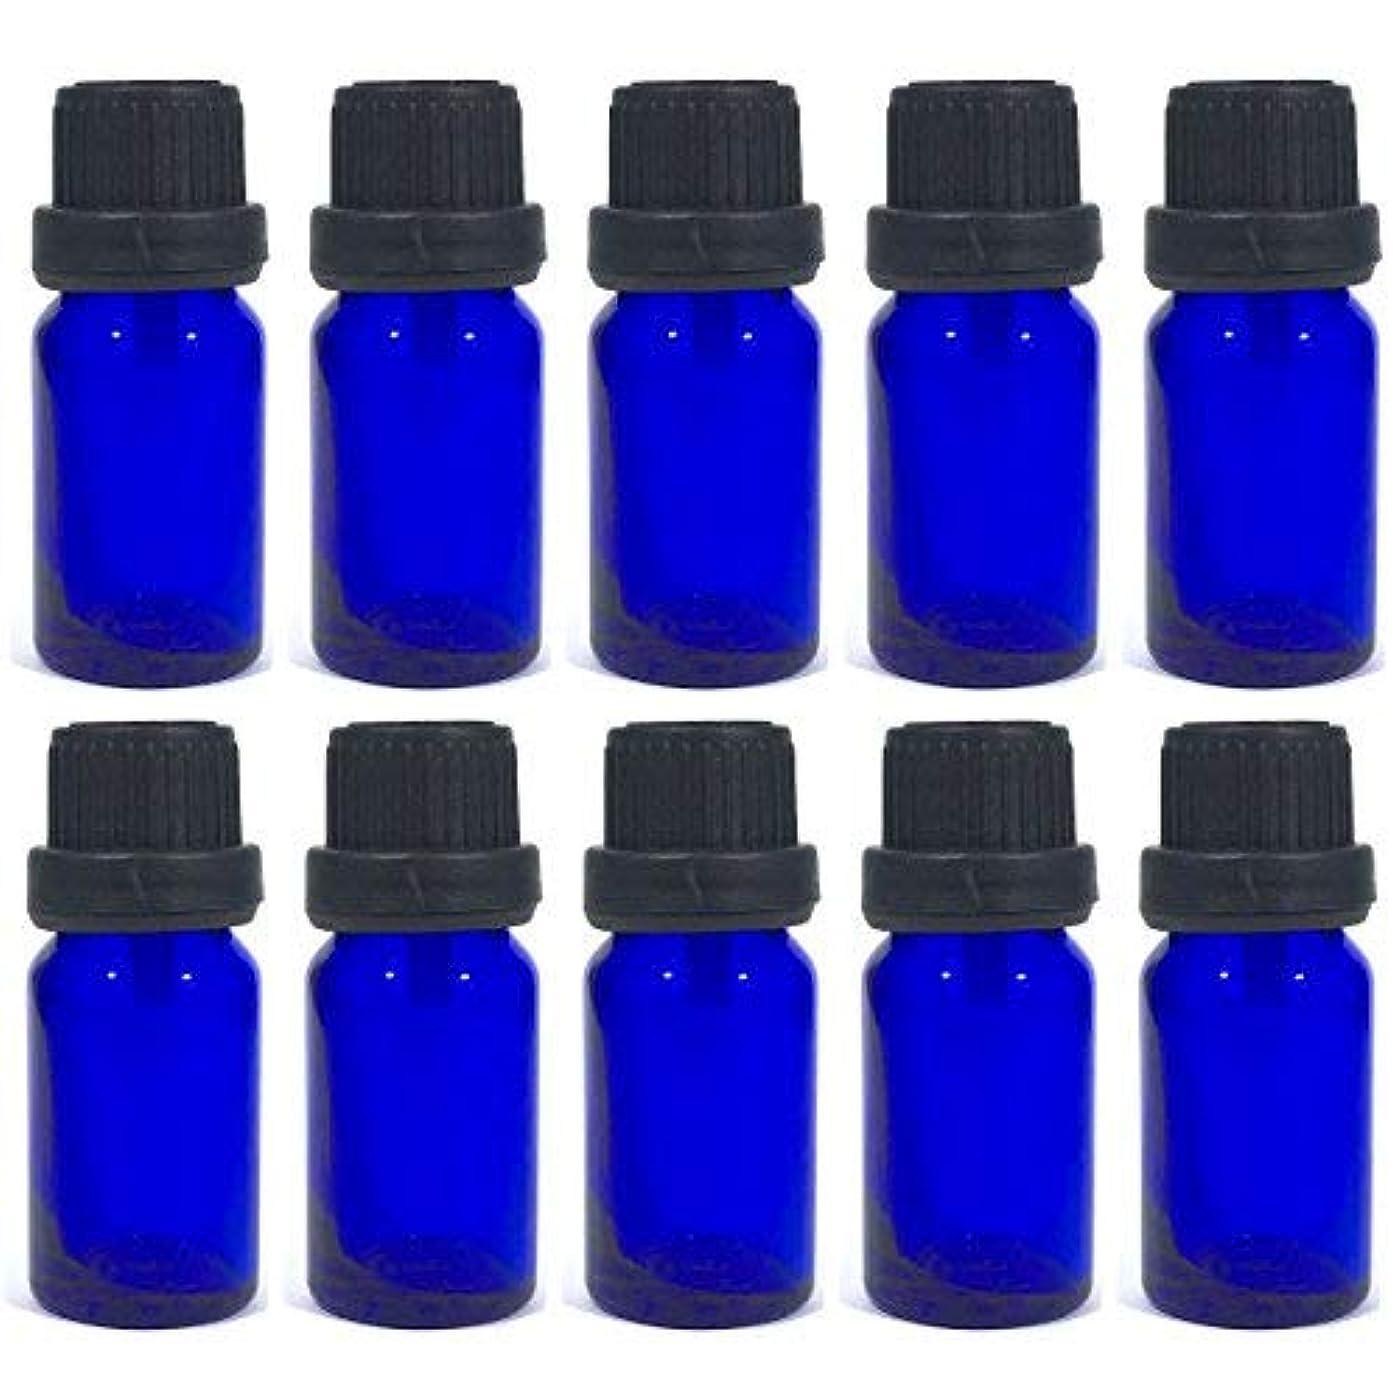 みなさん義務宗教的な遮光瓶 10本セット ガラス製 アロマオイル エッセンシャルオイル アロマ 遮光ビン 保存用 精油 ガラスボトル 保存容器詰め替え 青色 ブルー ドロッパー付き (10ml?10本)